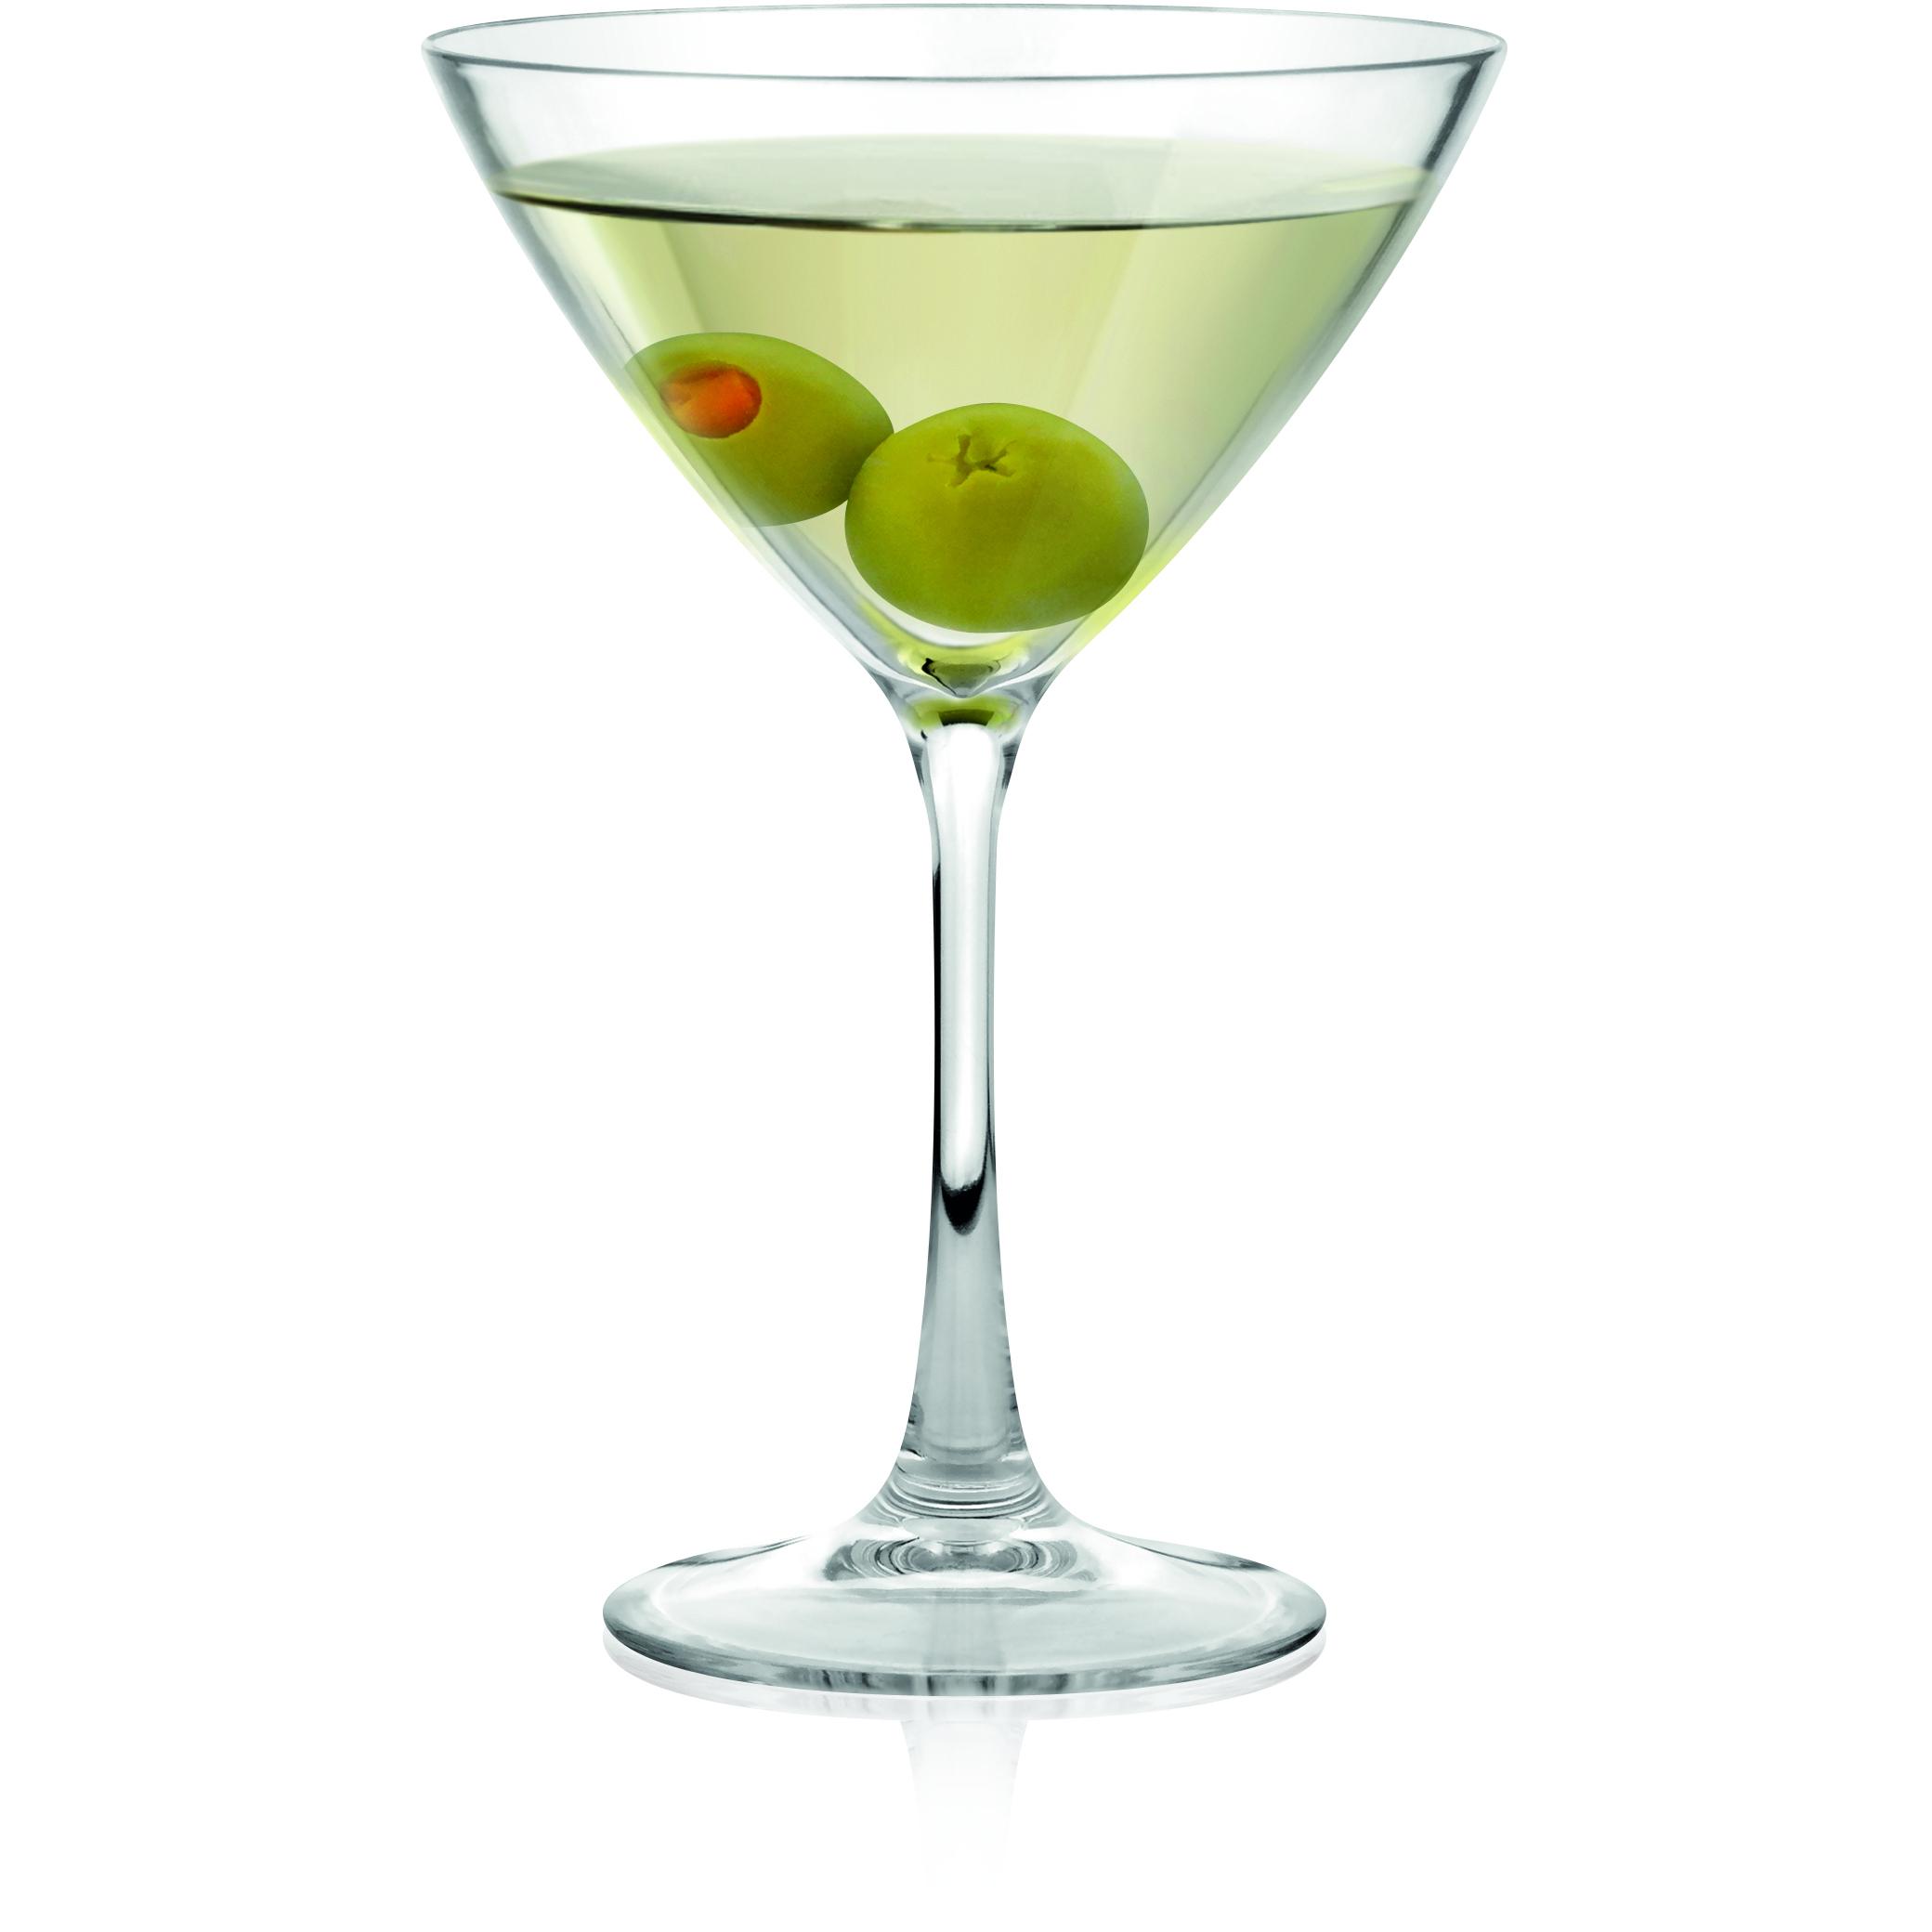 BarLuxe Specialty Collection Tritan 6 Ounce Martini Glass